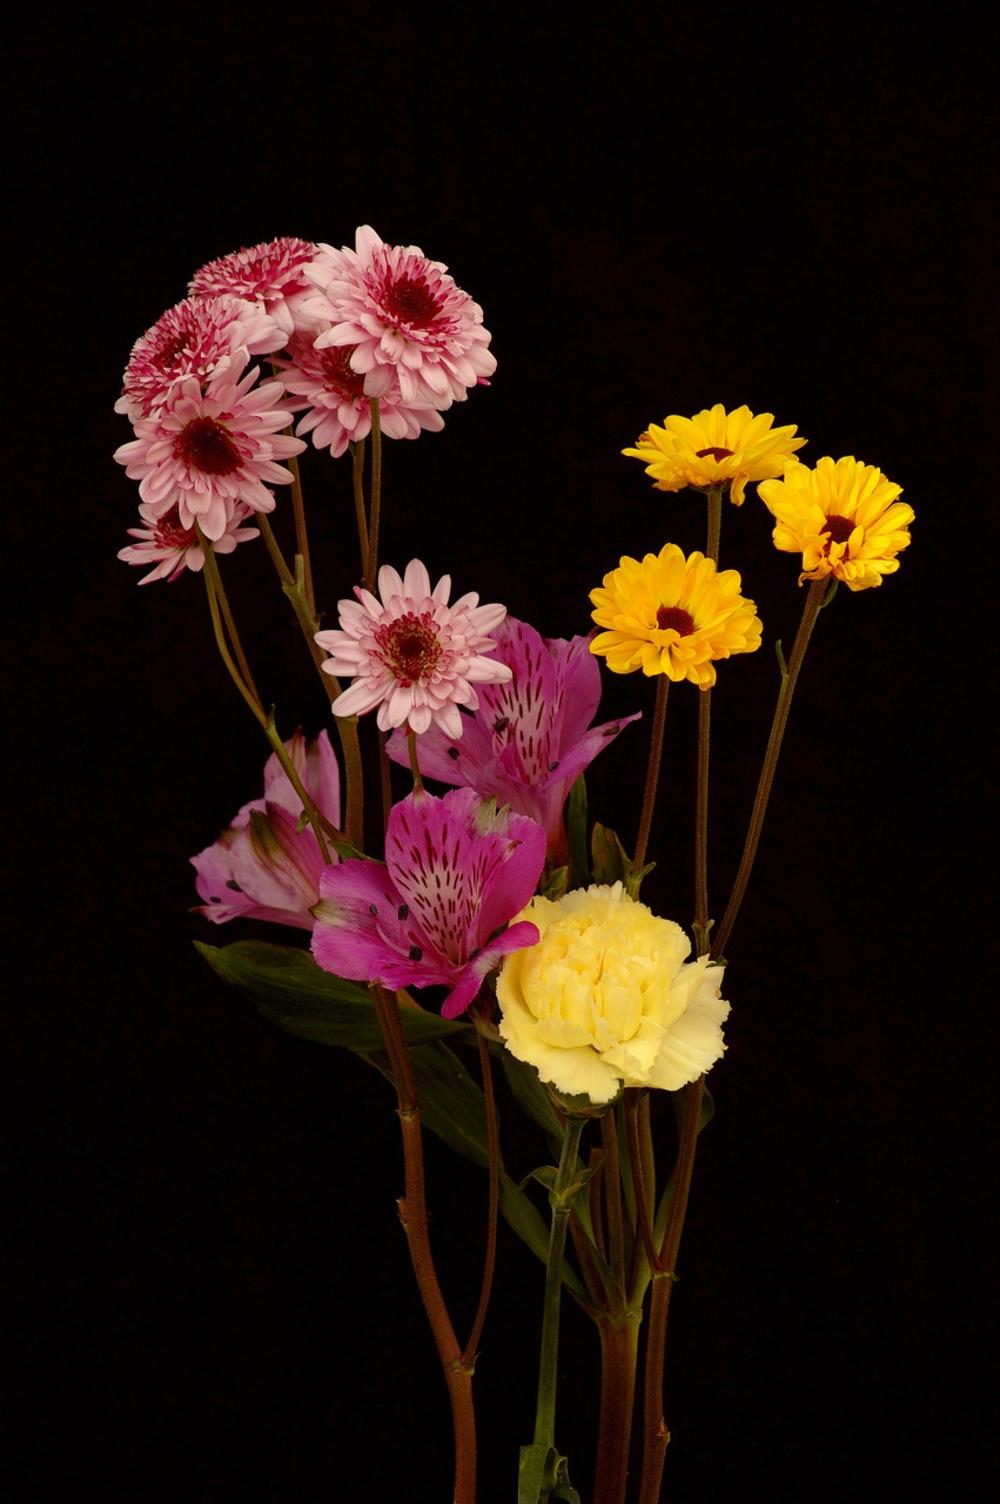 Обои на телефон цветы на черном фоне012